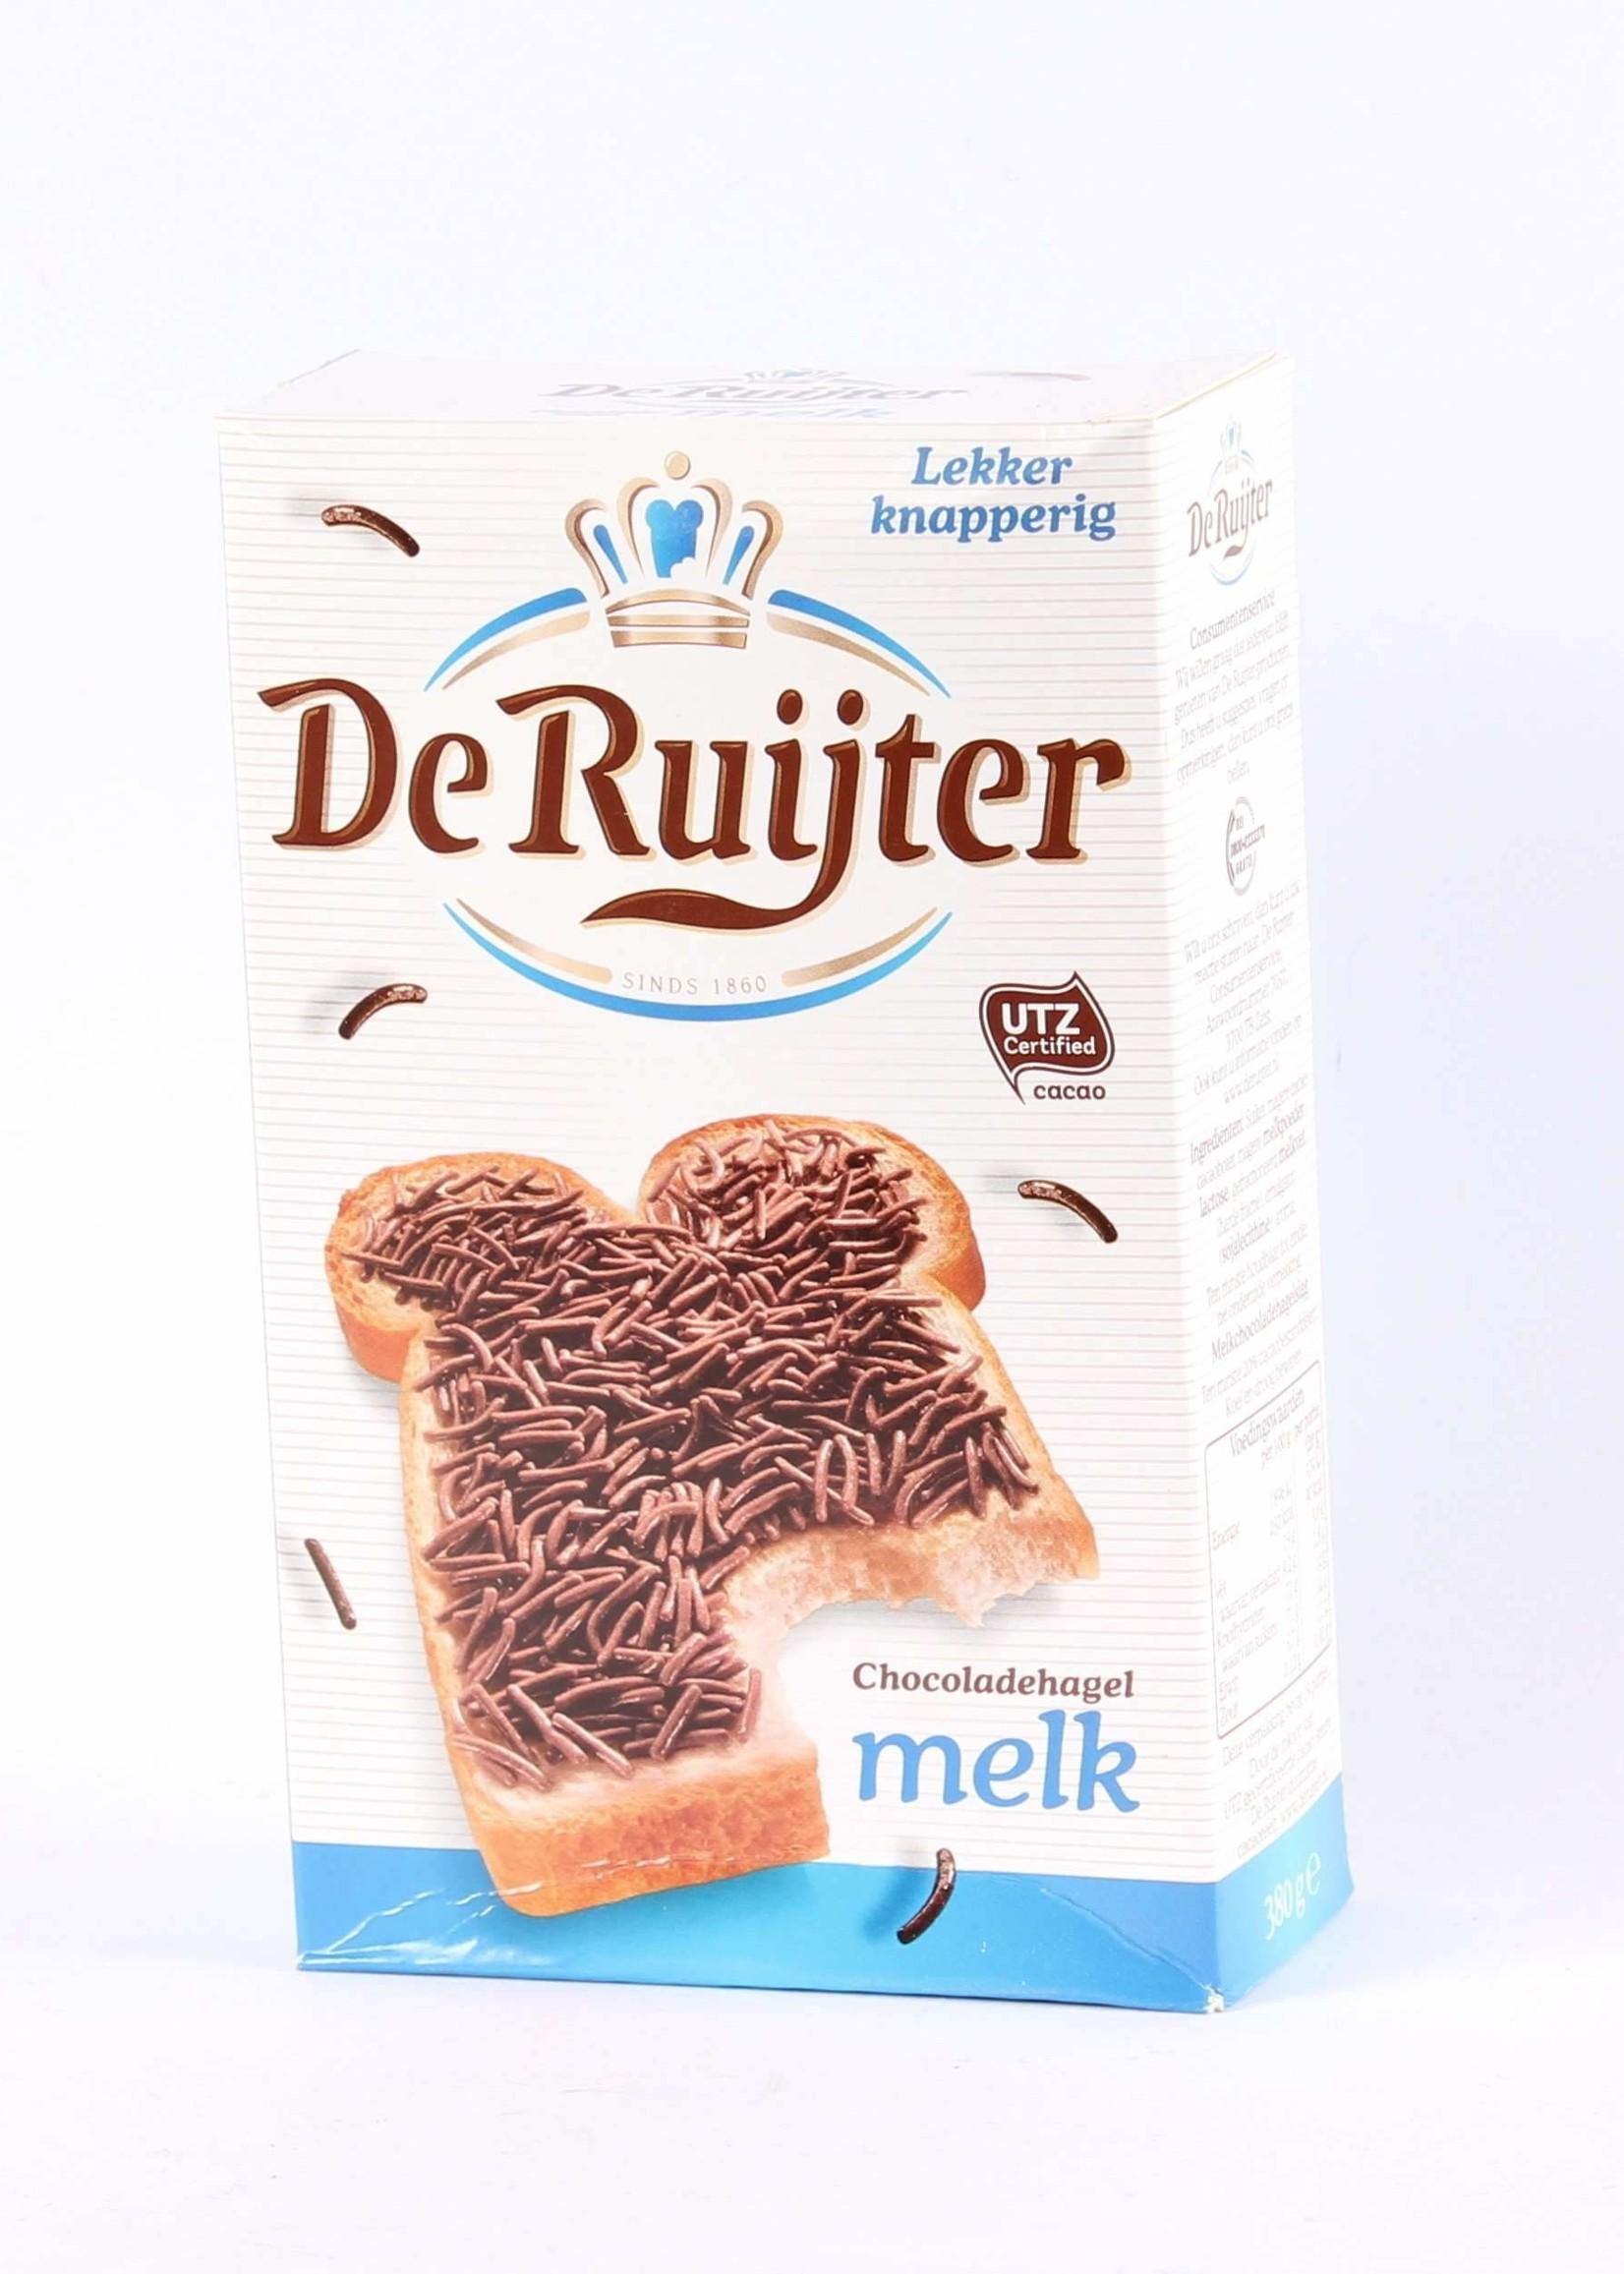 De Ruijter, Hagelslag Melk, Melkchocolade Hagels